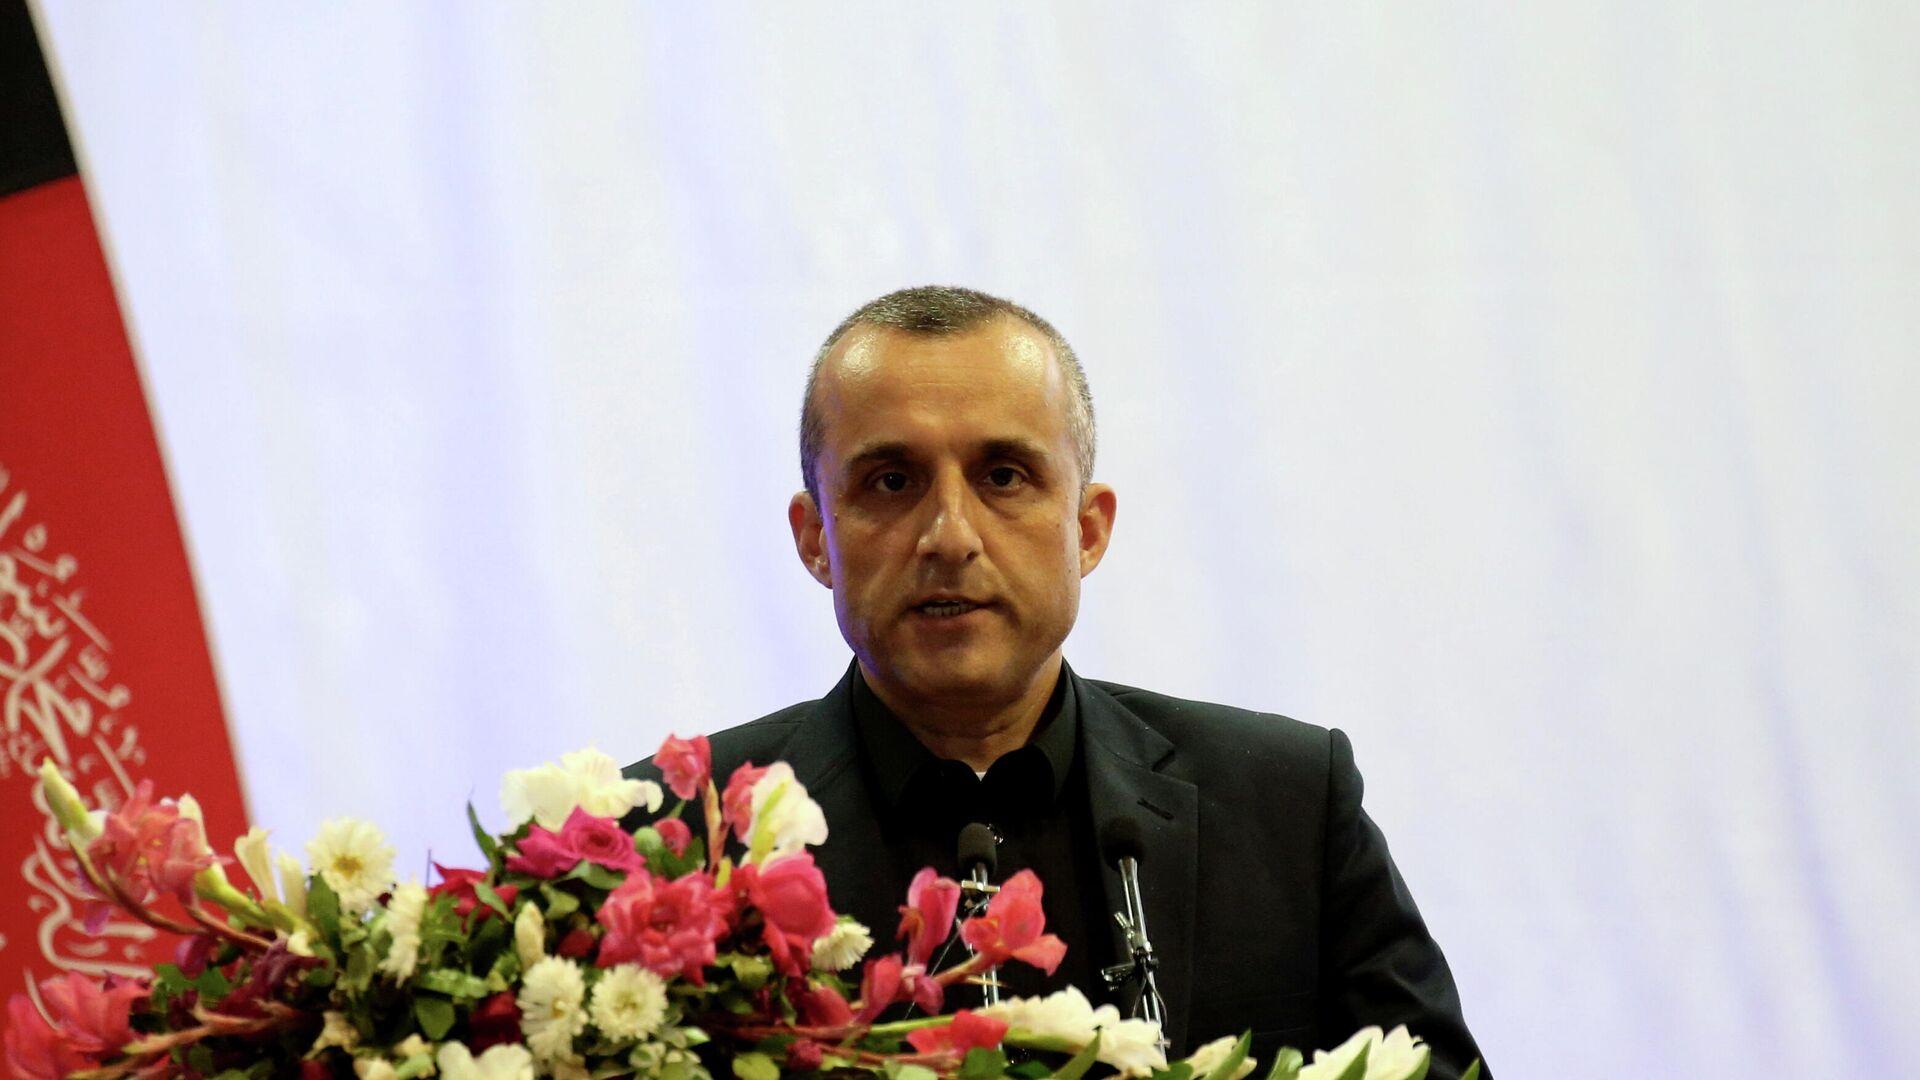 El vicepresidente afgano, Amrullah Saleh - Sputnik Mundo, 1920, 25.08.2021